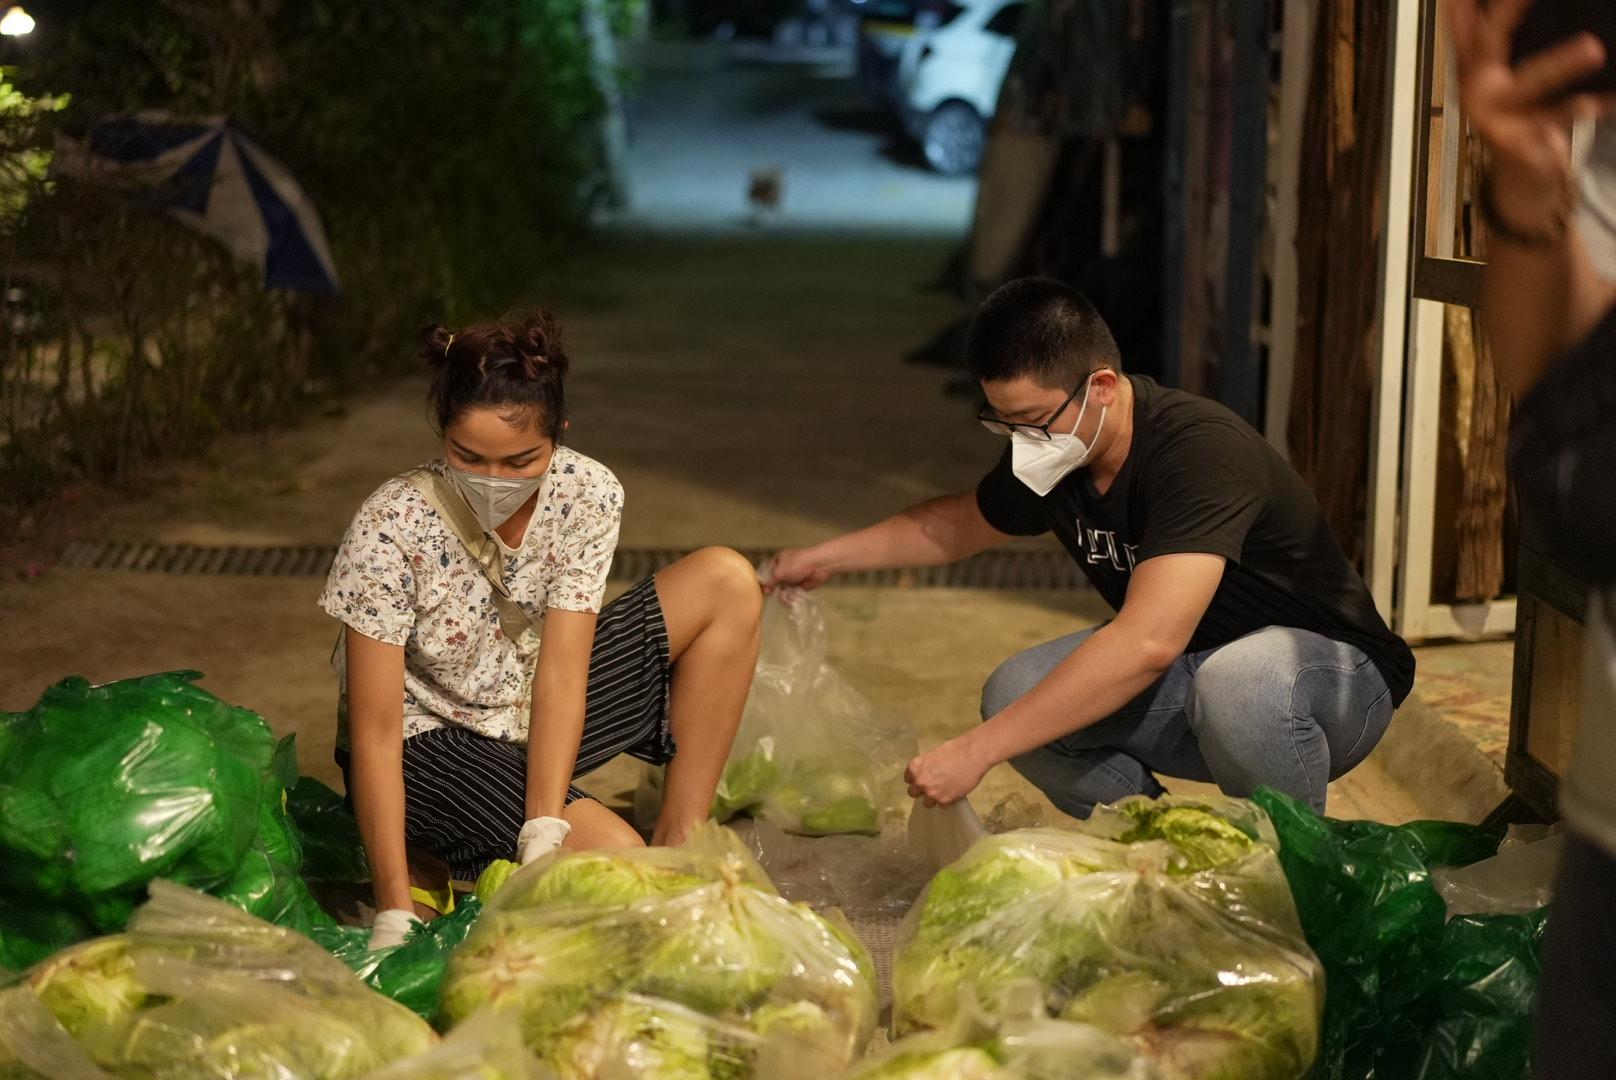 Hoa hậu H'Hen Niê lăn xả làm việc, bê bao gạo nặng 50kg, được gọi hoa hậu bốc vác-1